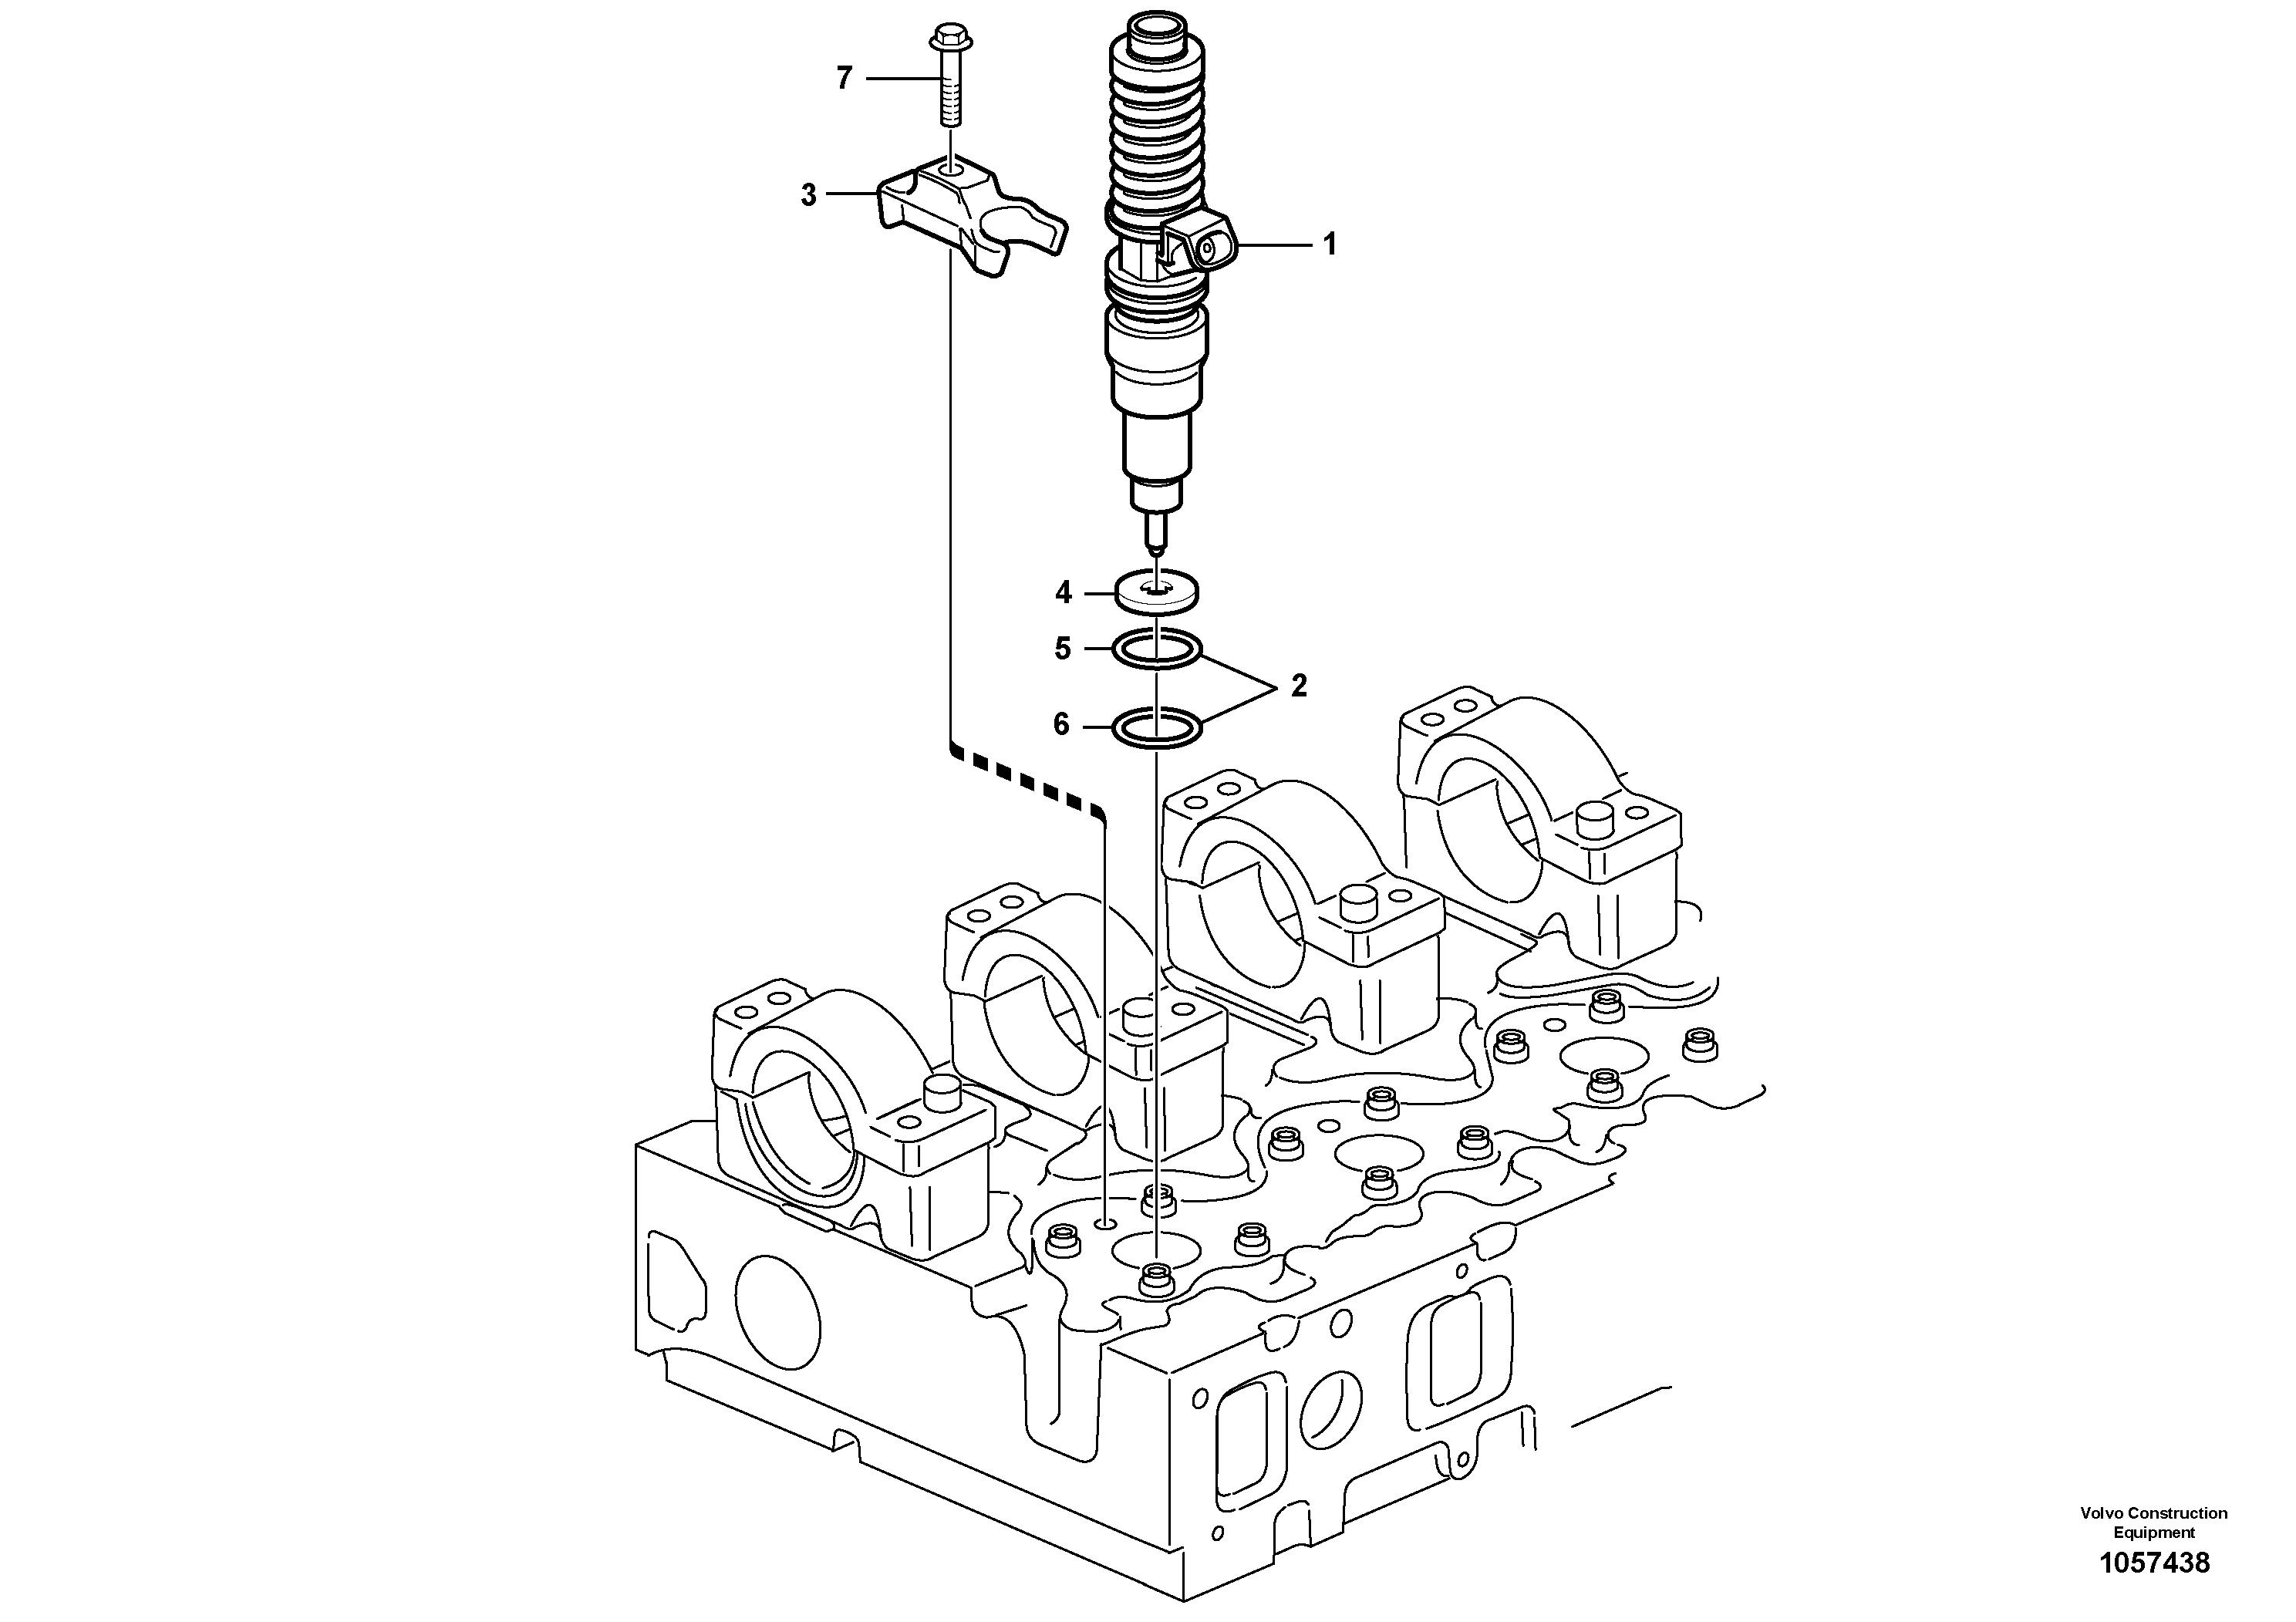 tekerlekli-yukleyici-enjektor